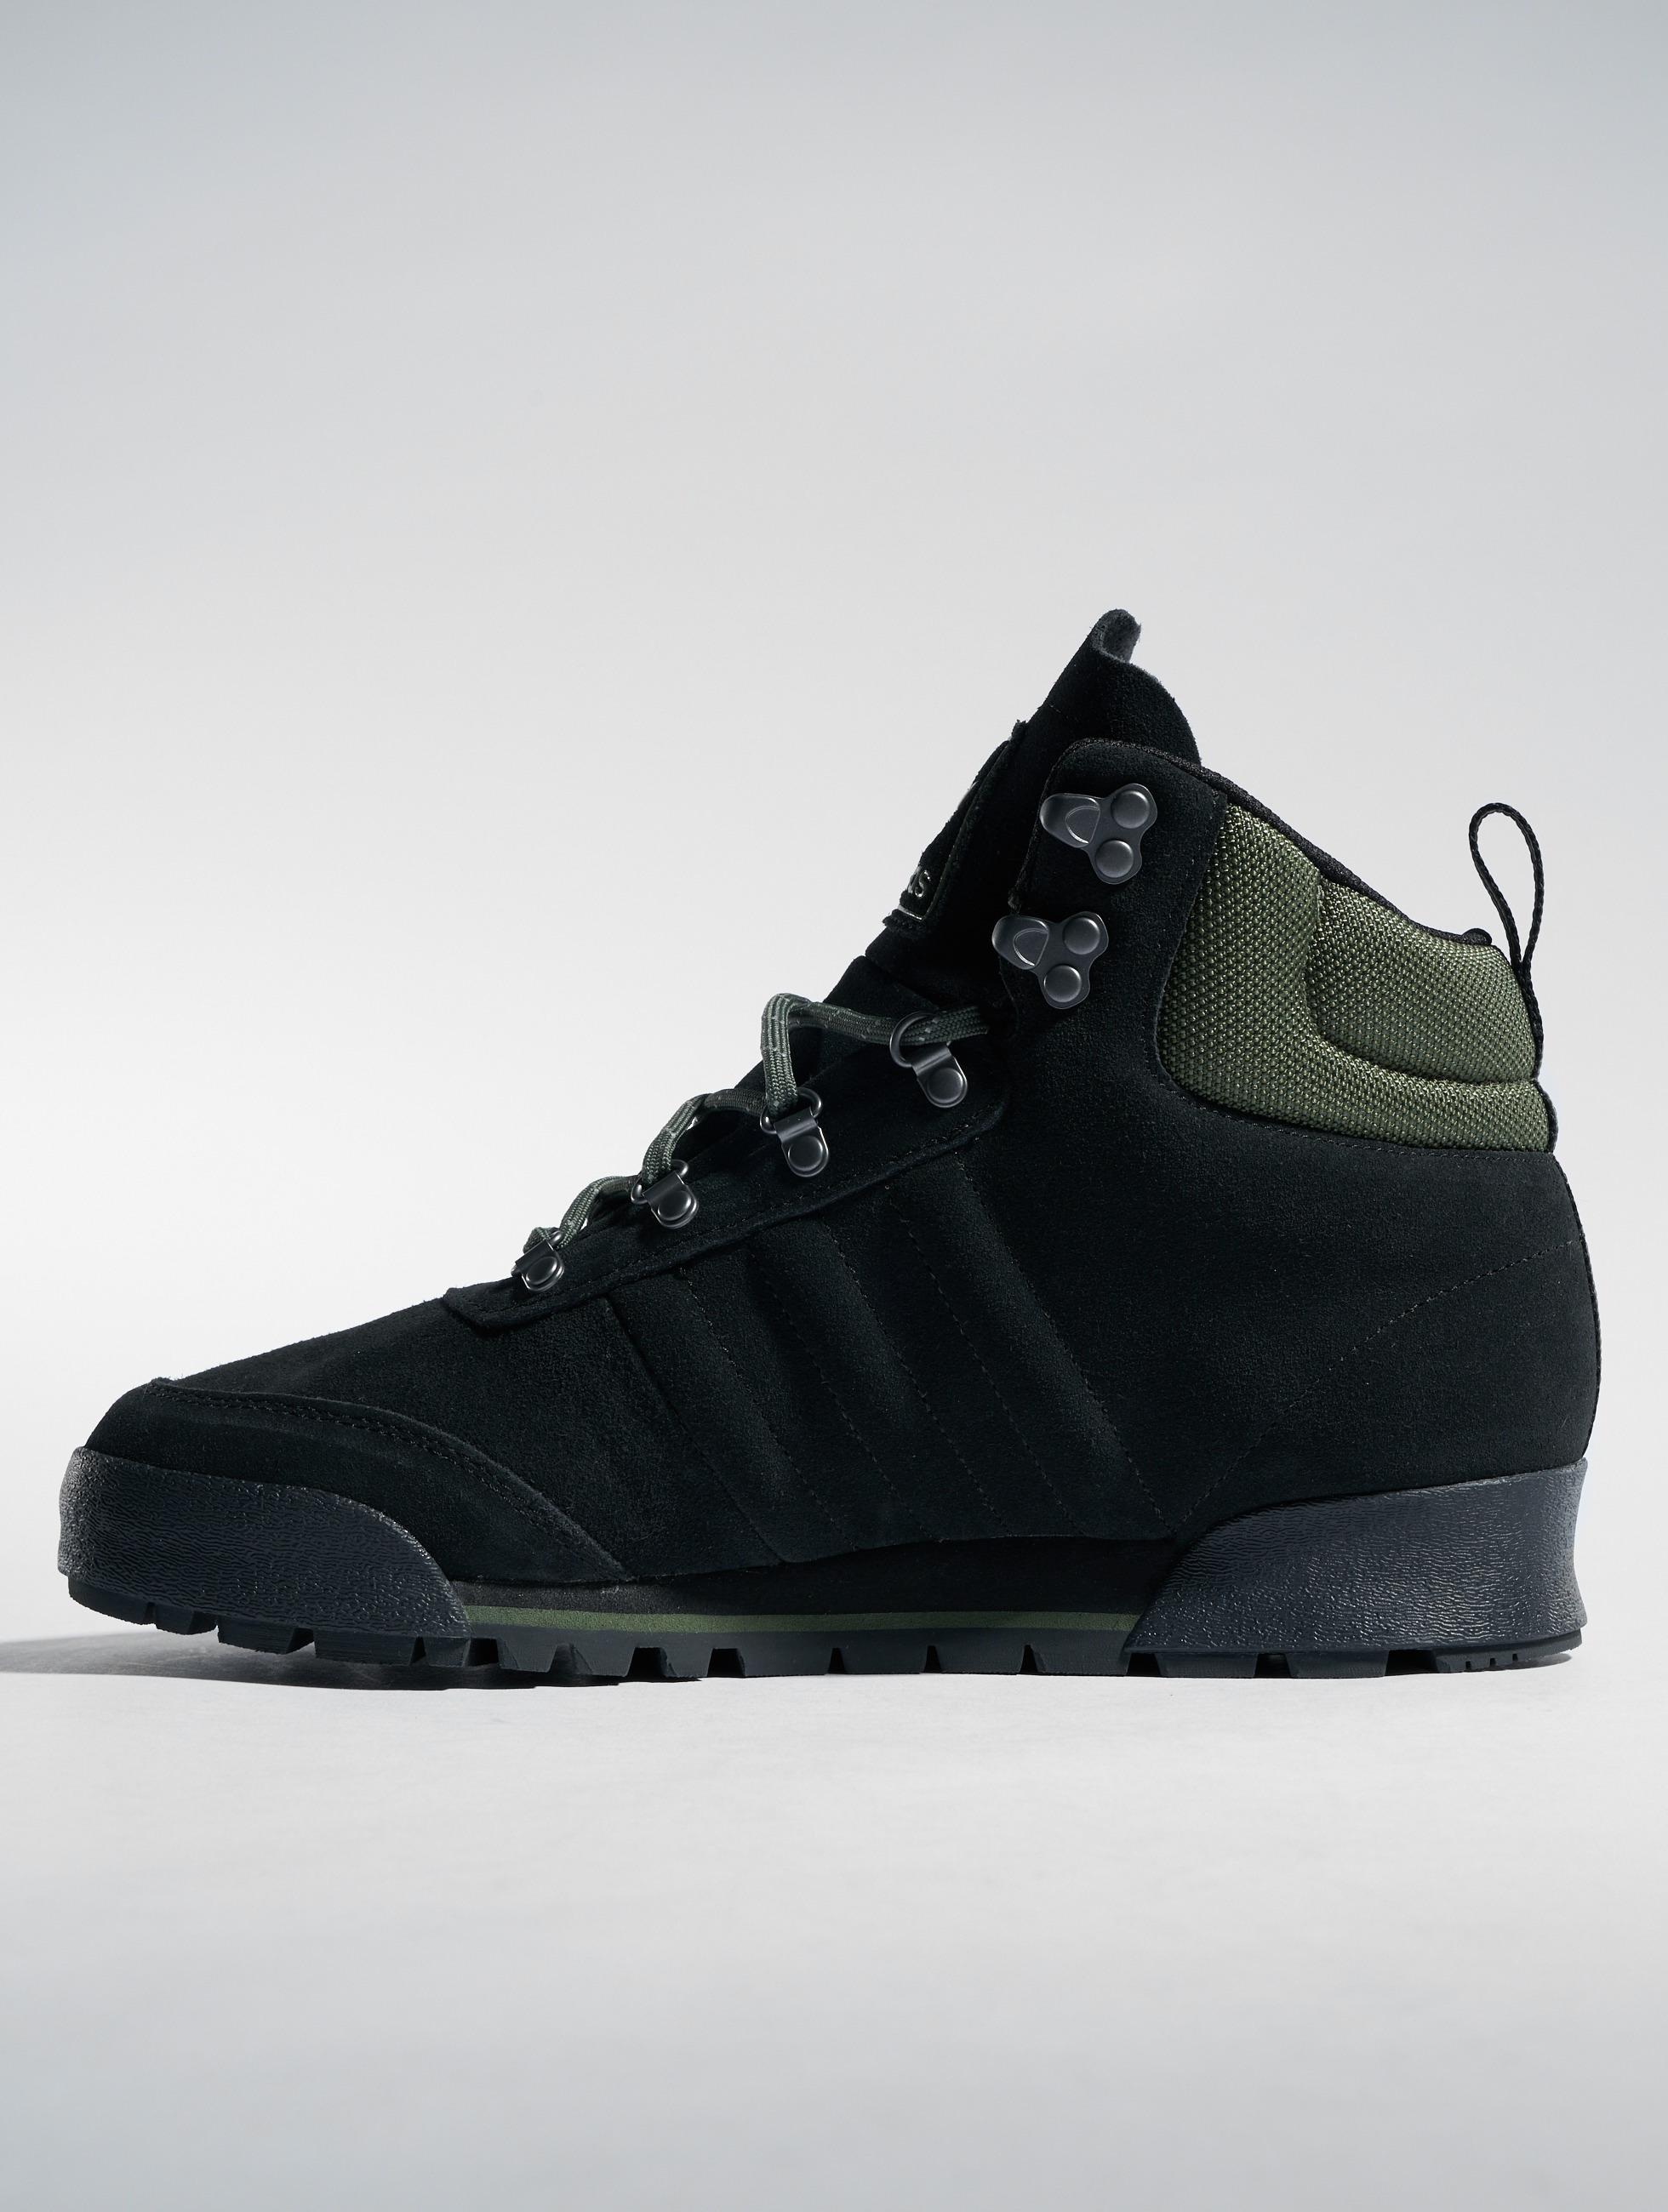 56679d9b1ccf0 adidas originals Herren Sneaker Jake Boot 2.0 in schwarz 499008